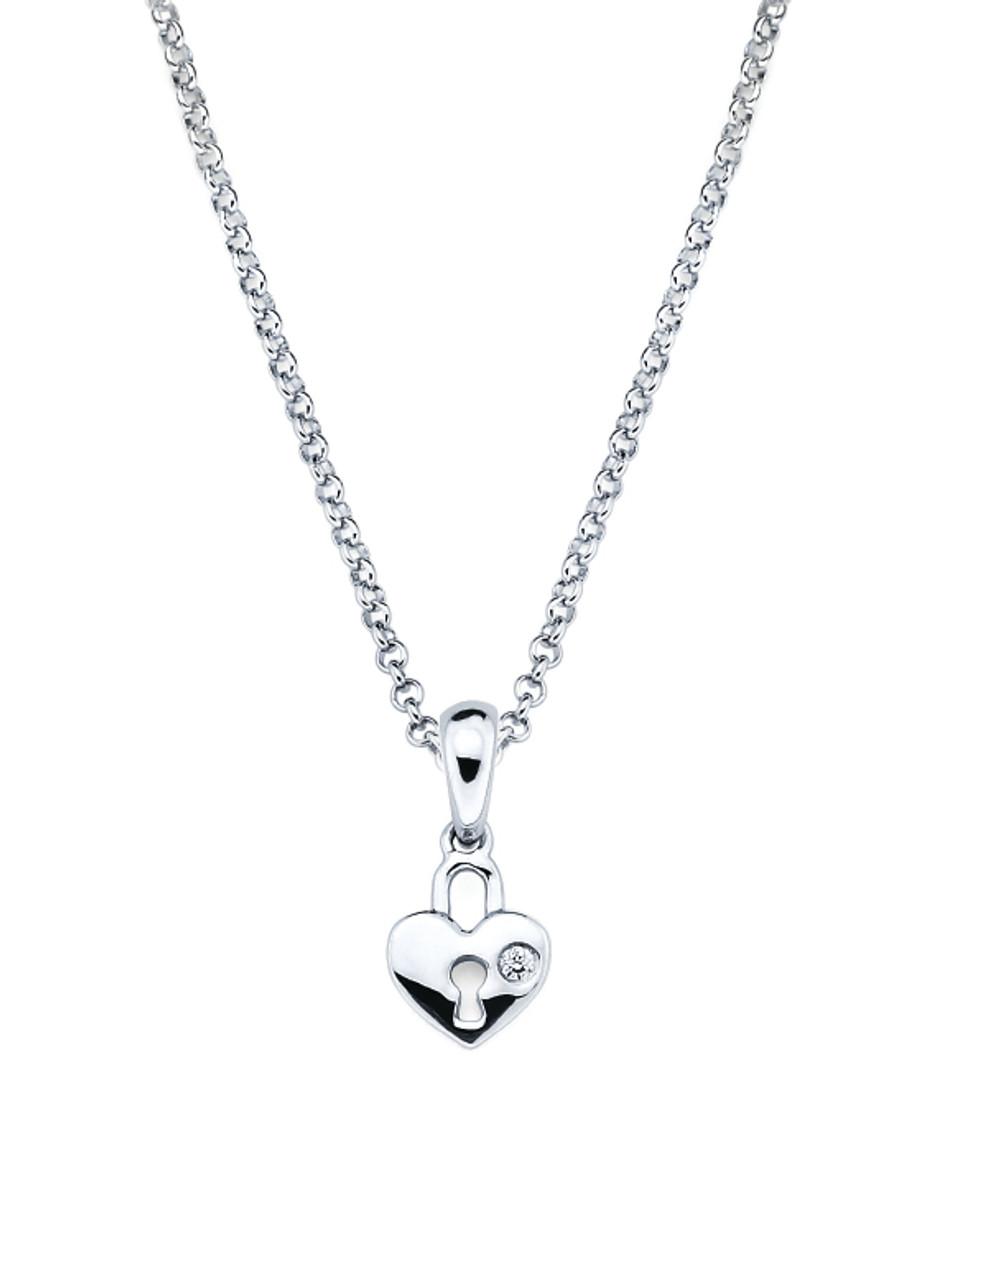 Heart lock pendant necklace aurumi fine jewelry heart lock pendant necklace aloadofball Gallery